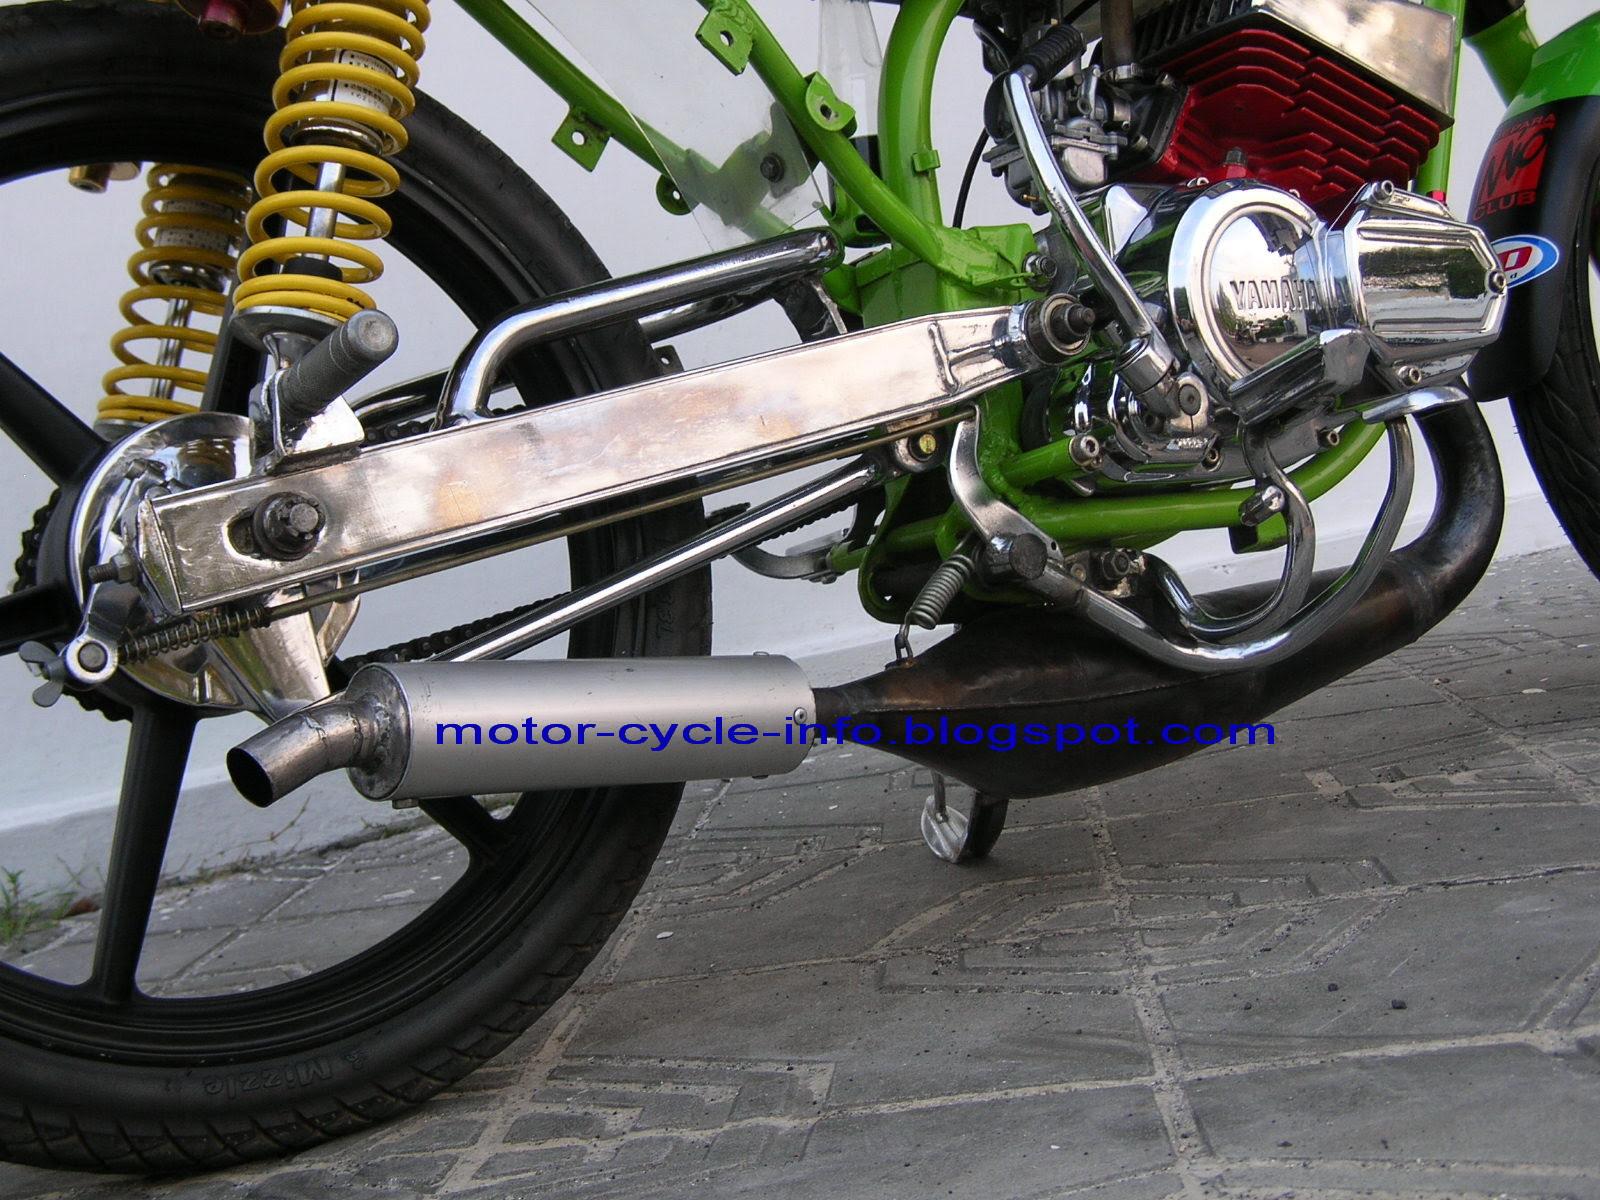 Modifikasi Spd Motor Modifikasi Motor Terbaru